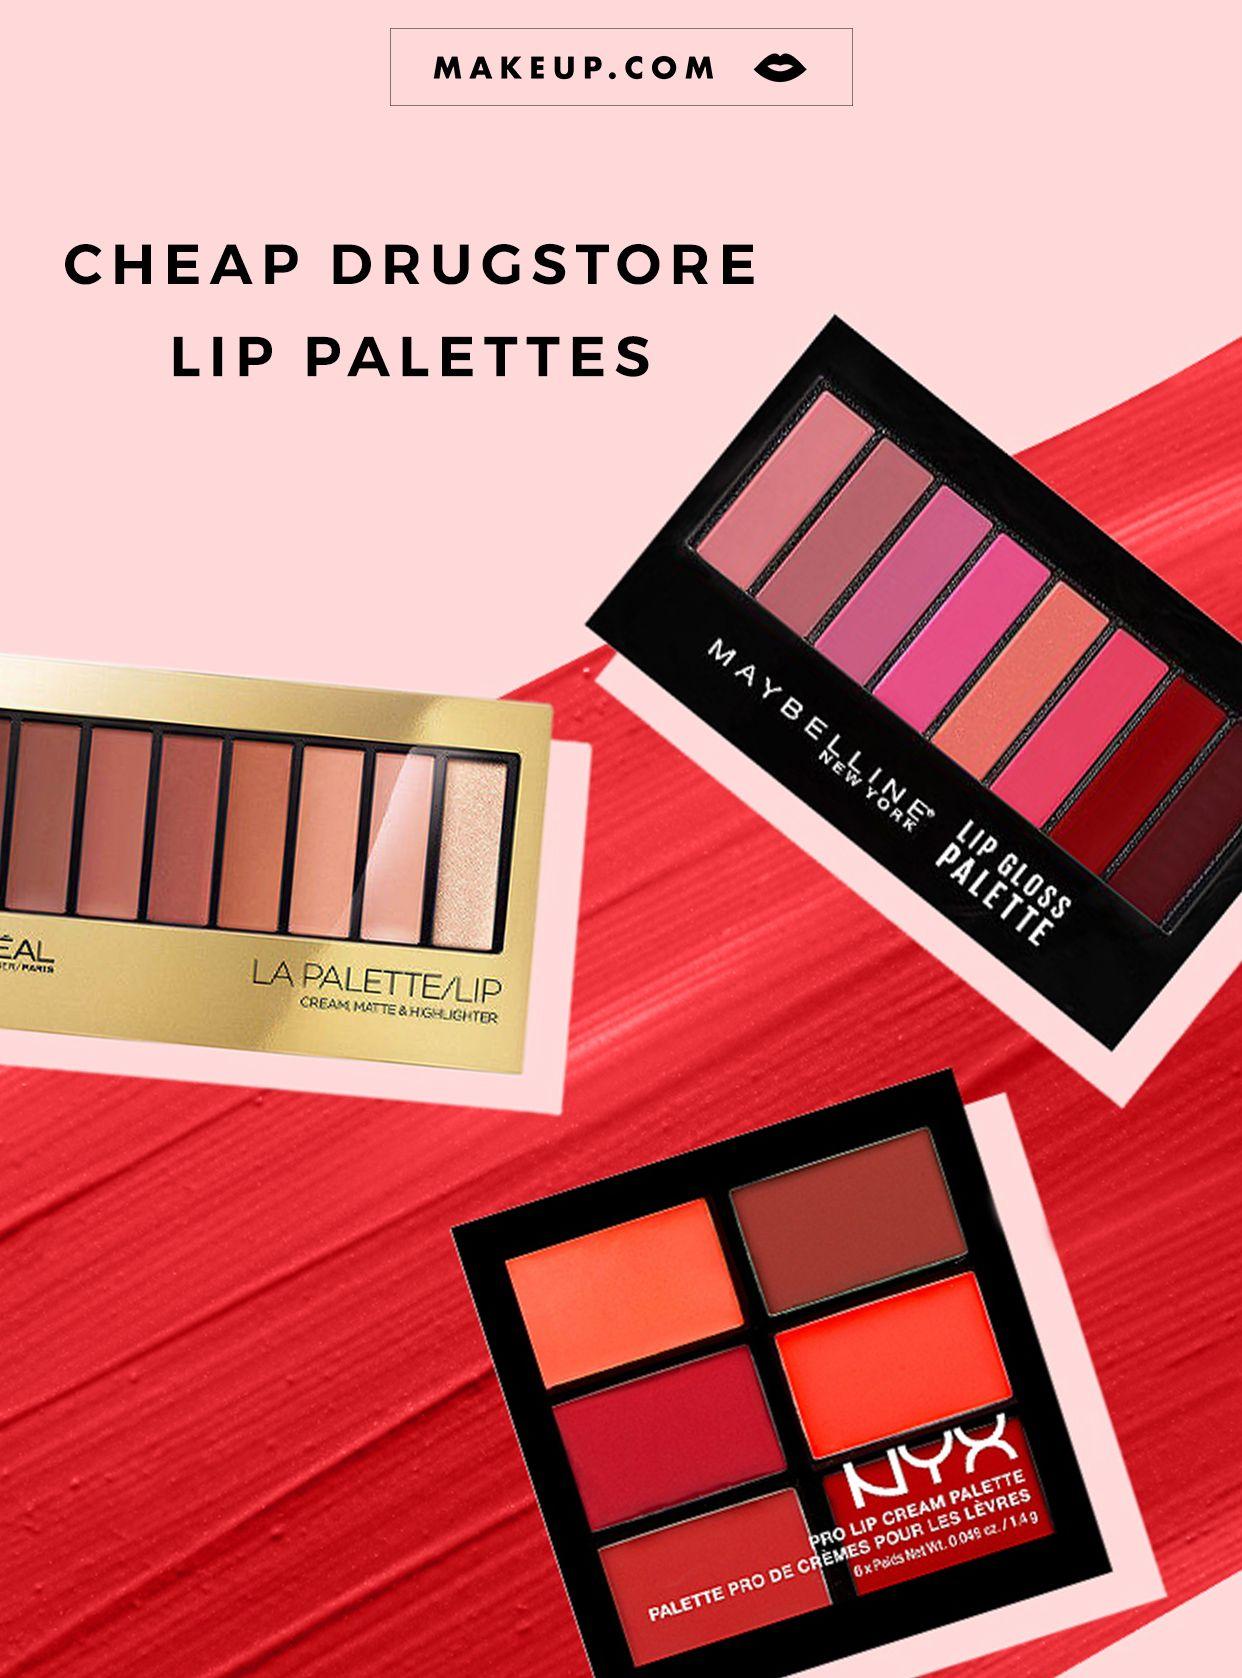 Cheap Drugstore Lip Palettes Lip palette, Lipstick